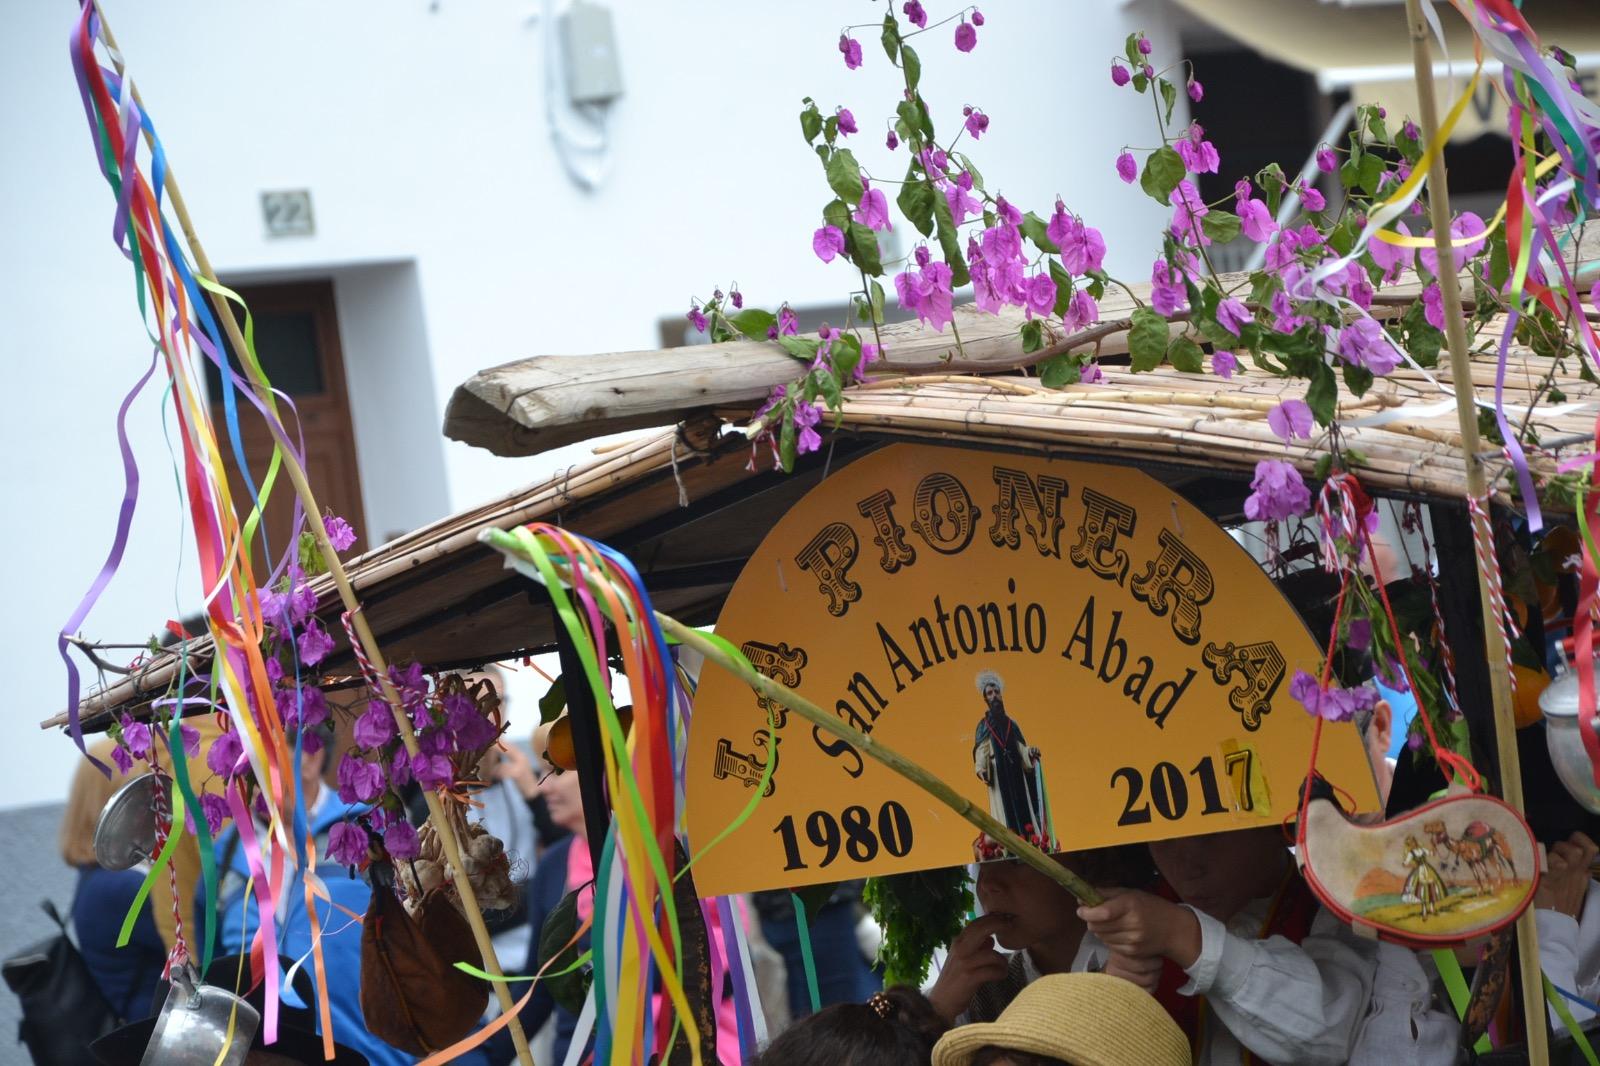 'La pionera' es uno de los carritos que lleva más ediciones en San Antonio Abad